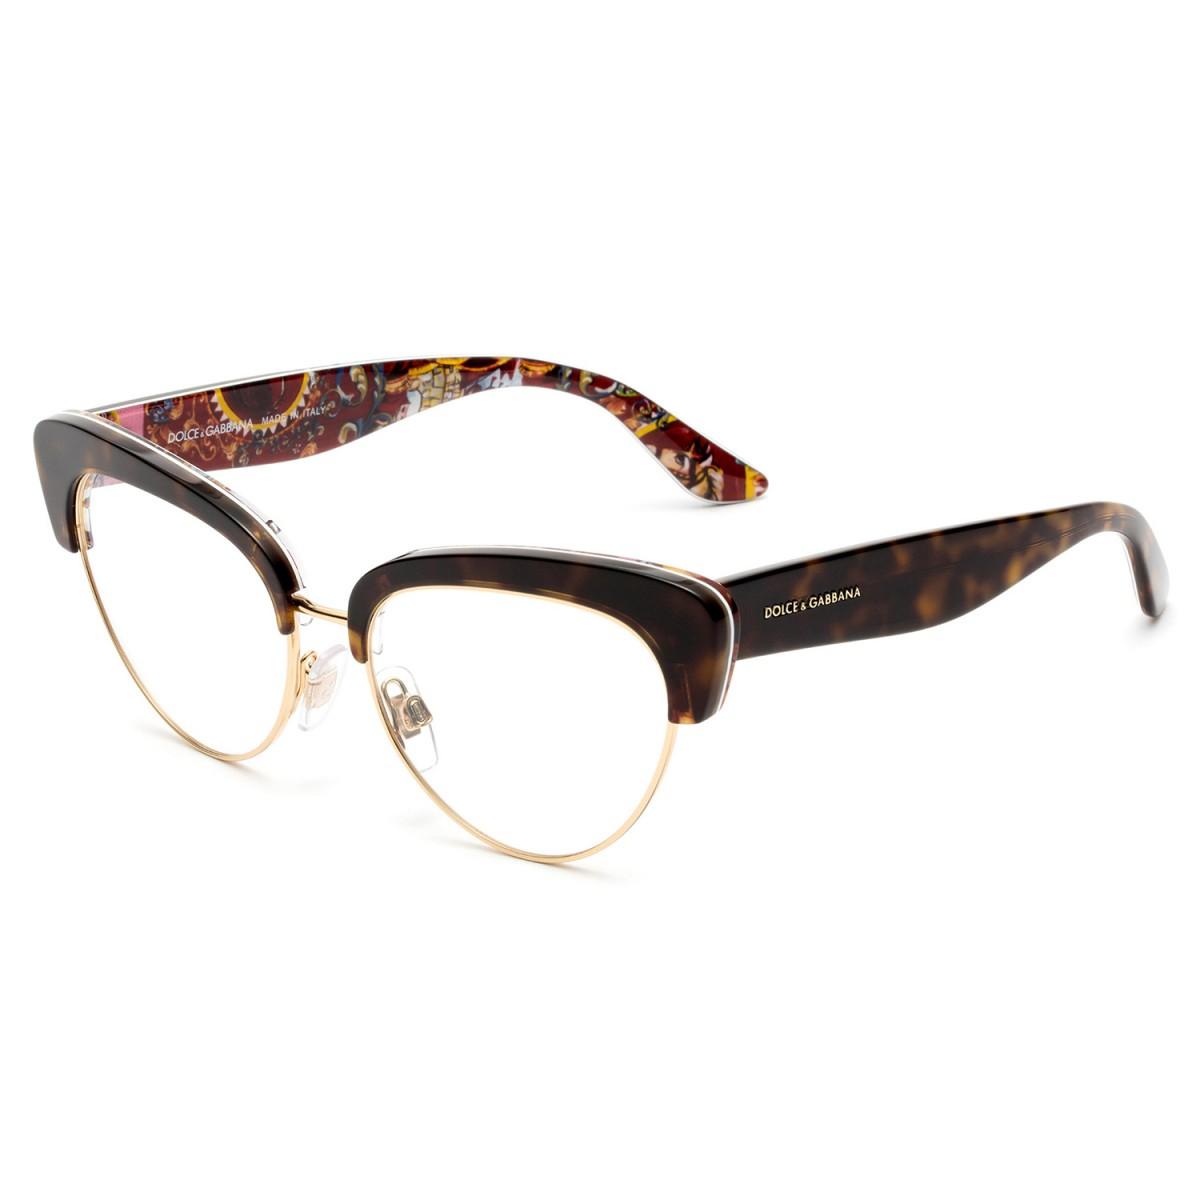 093dacb783a13 Compre Óculos de Grau Dolce   Gabbana Sicilian Caretto em 10X